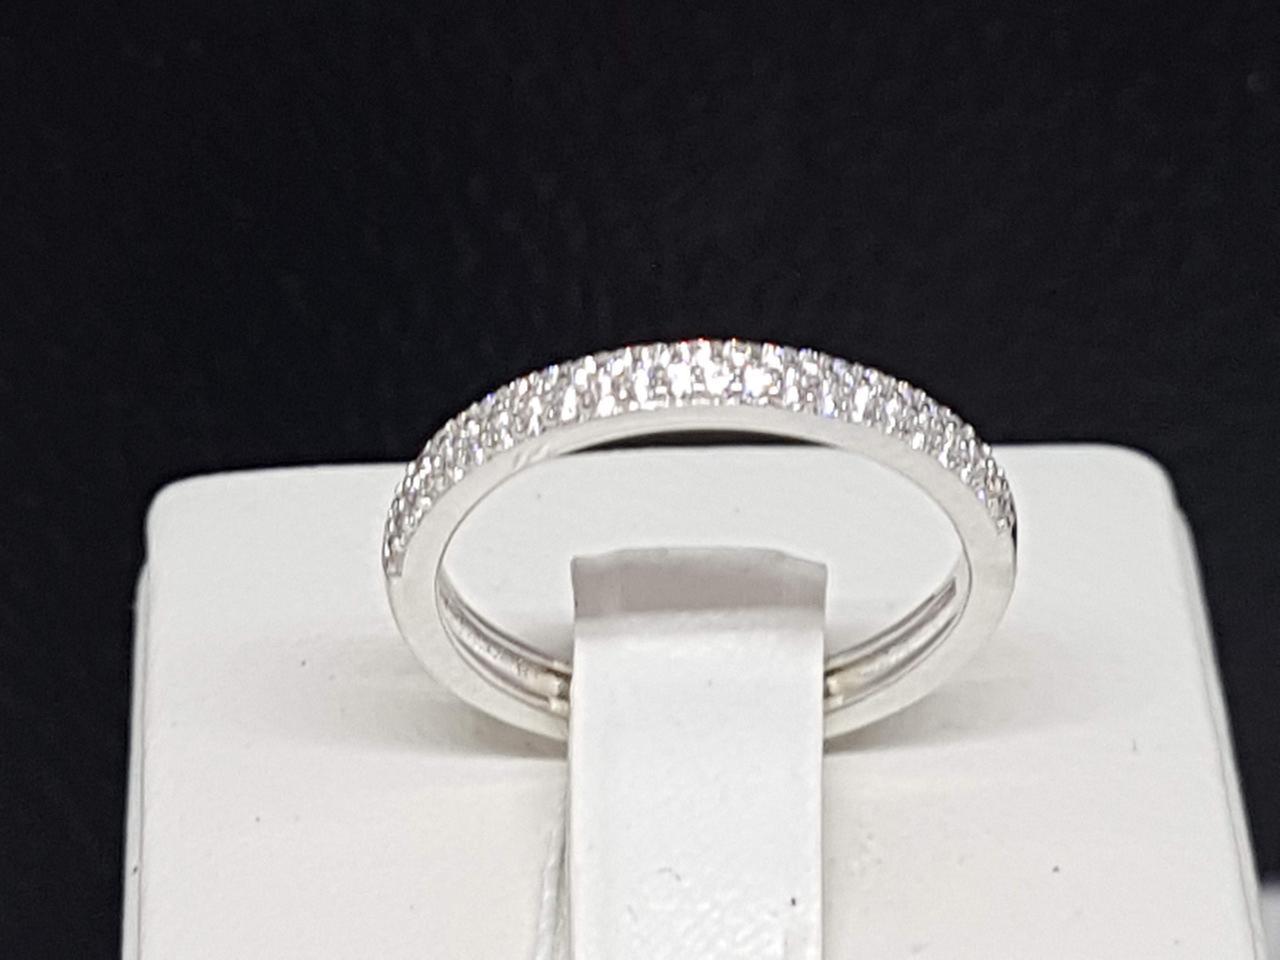 Серебряное кольцо с фианитами. Артикул КК2Ф/1155 17